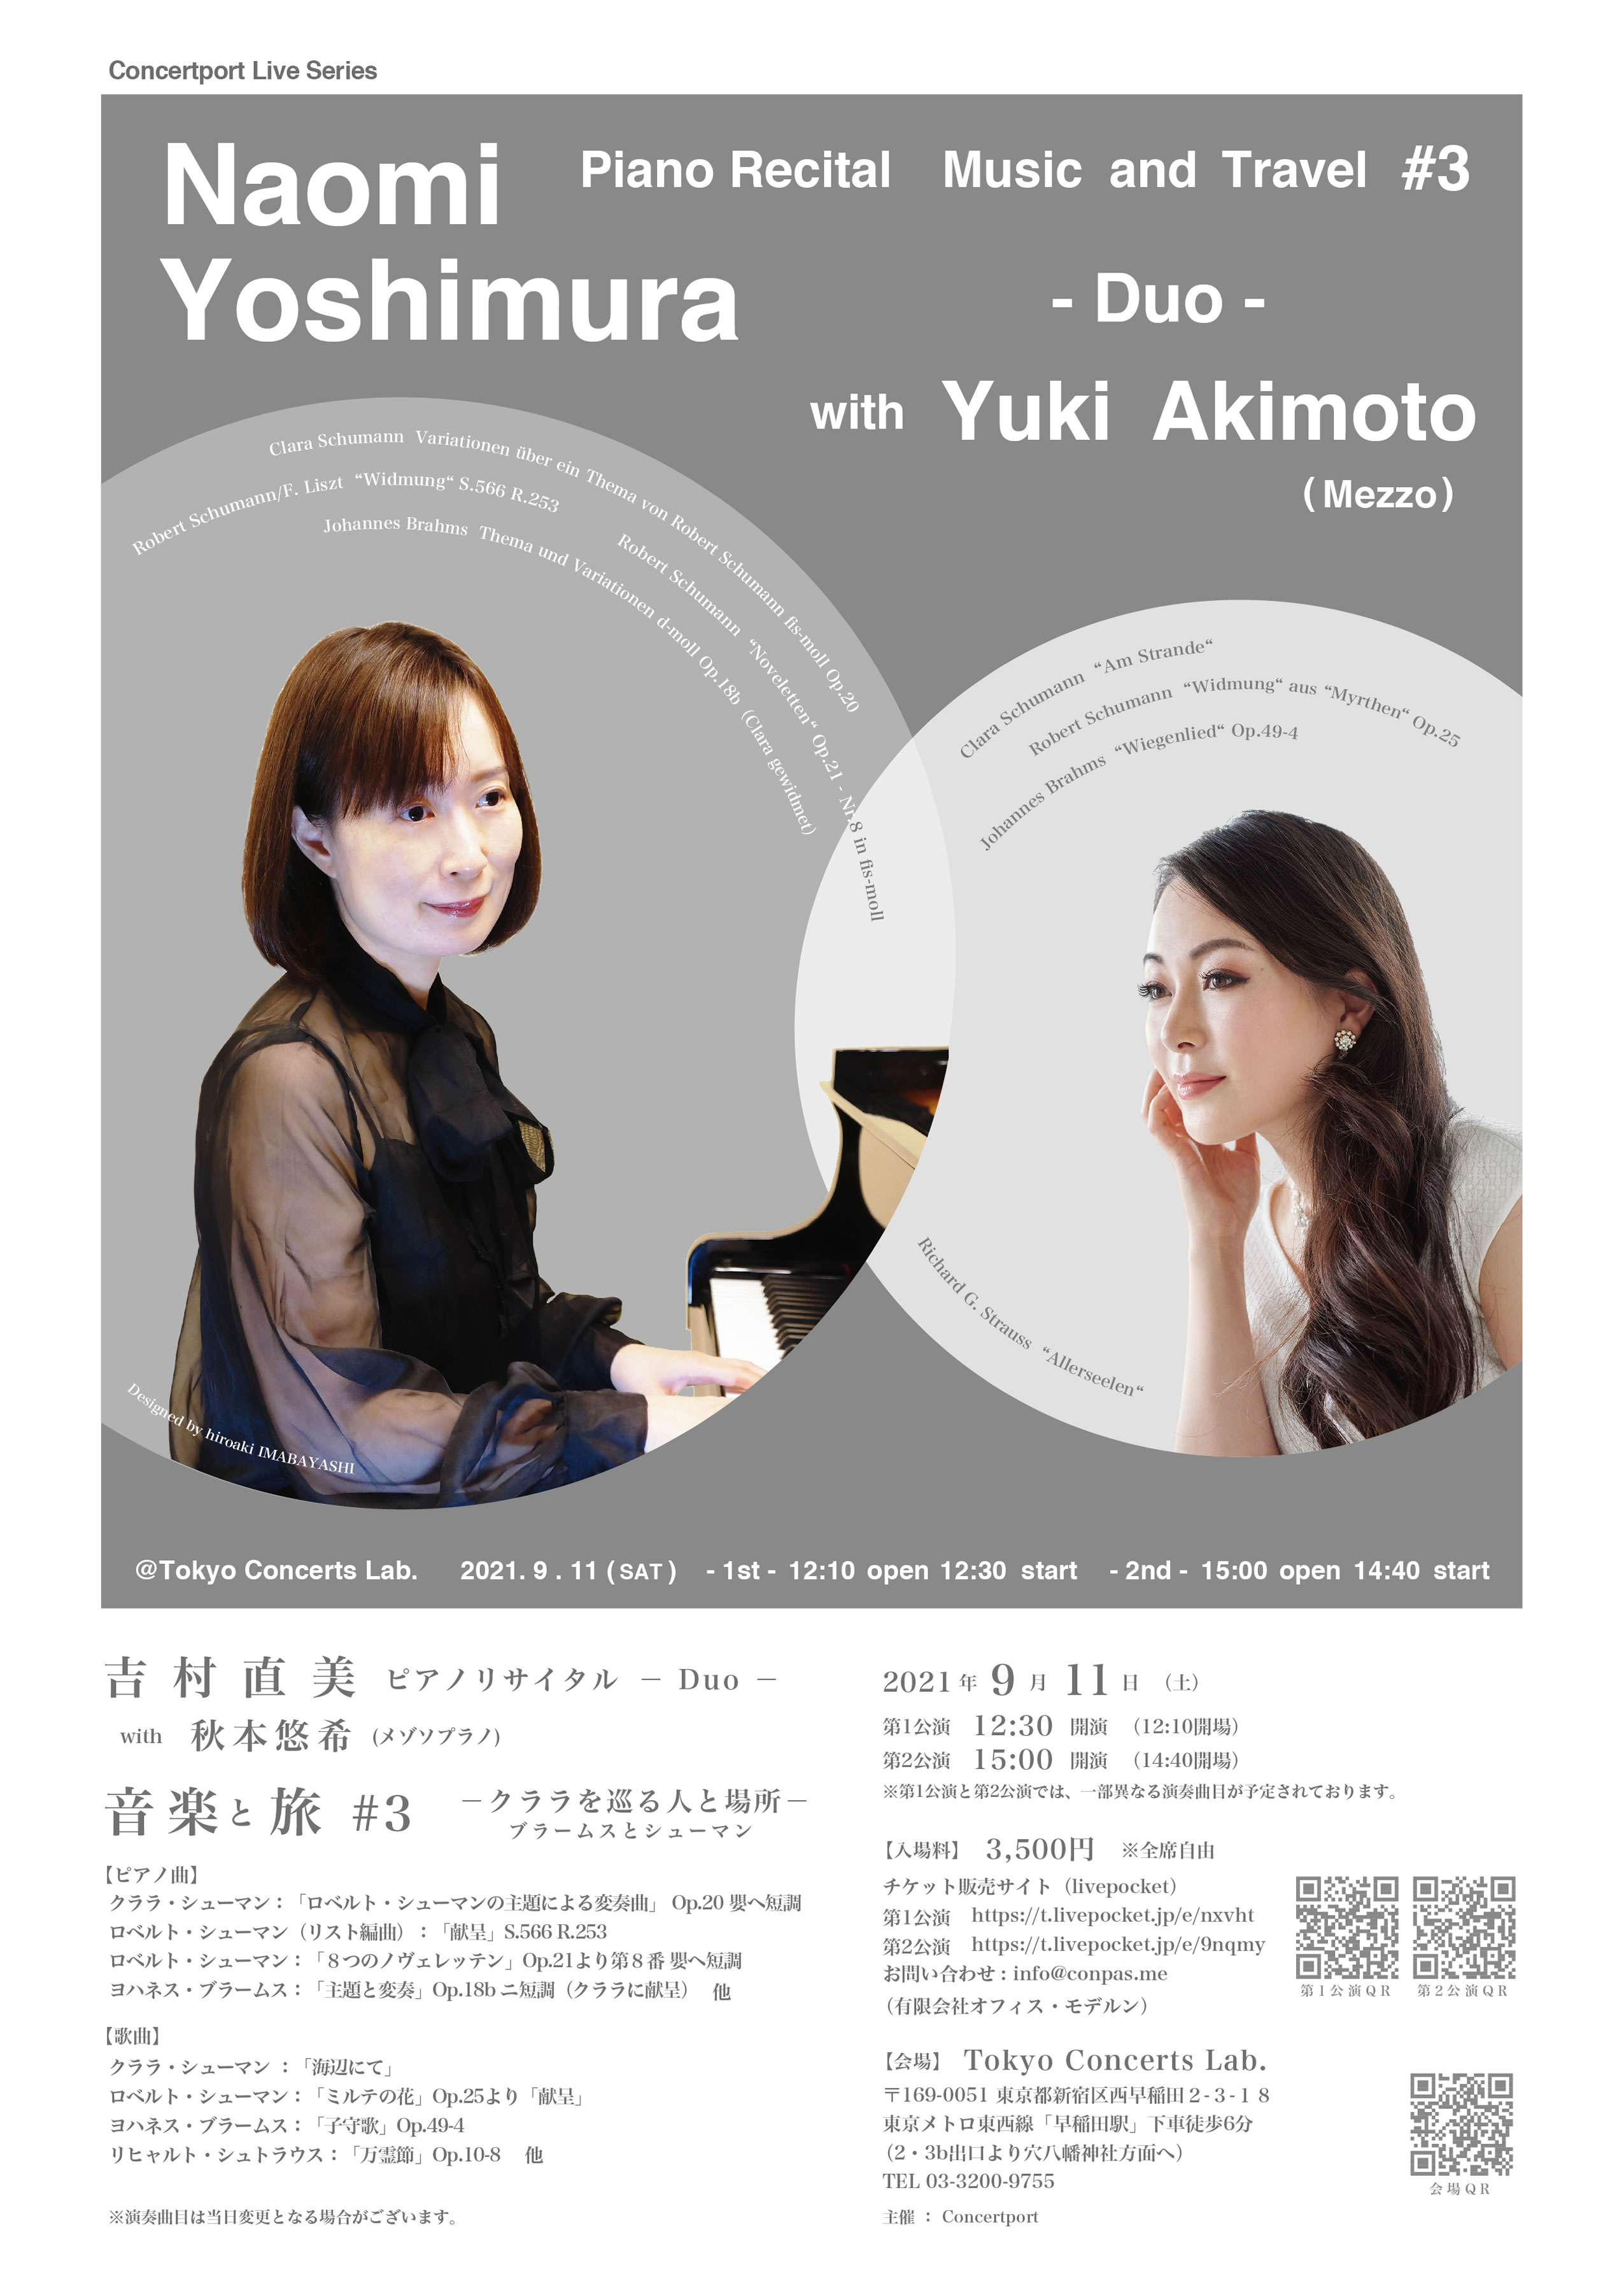 吉村直美ピアノリサイタル 音楽と旅 #3(第2公演)